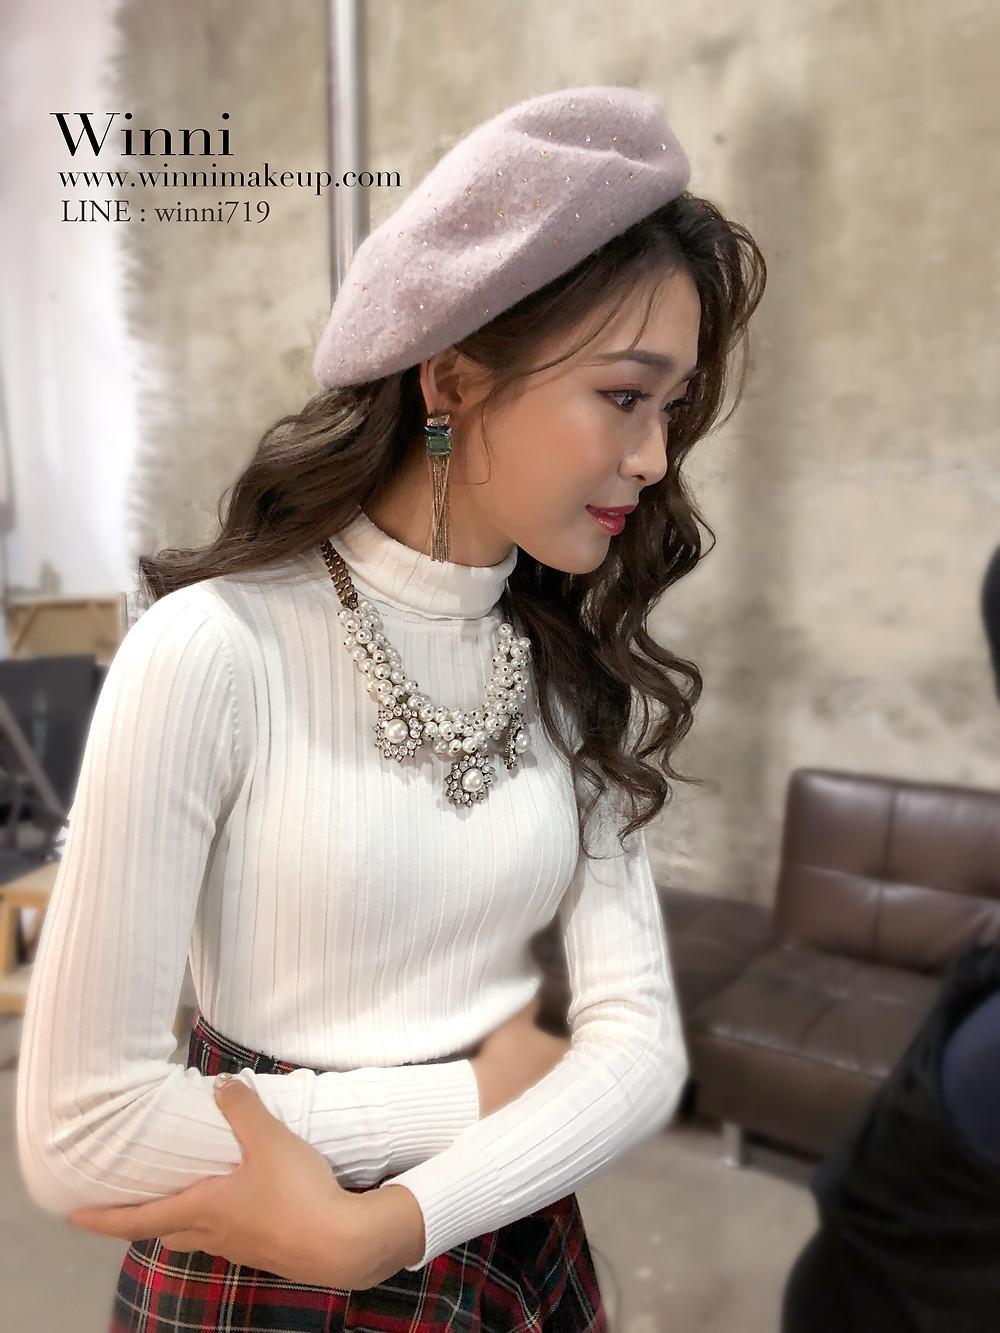 #大波浪造型 #華麗優雅造型 #捲髮造型 #女生帽子造型 #針織帽 #眼妝 #大項鍊造型